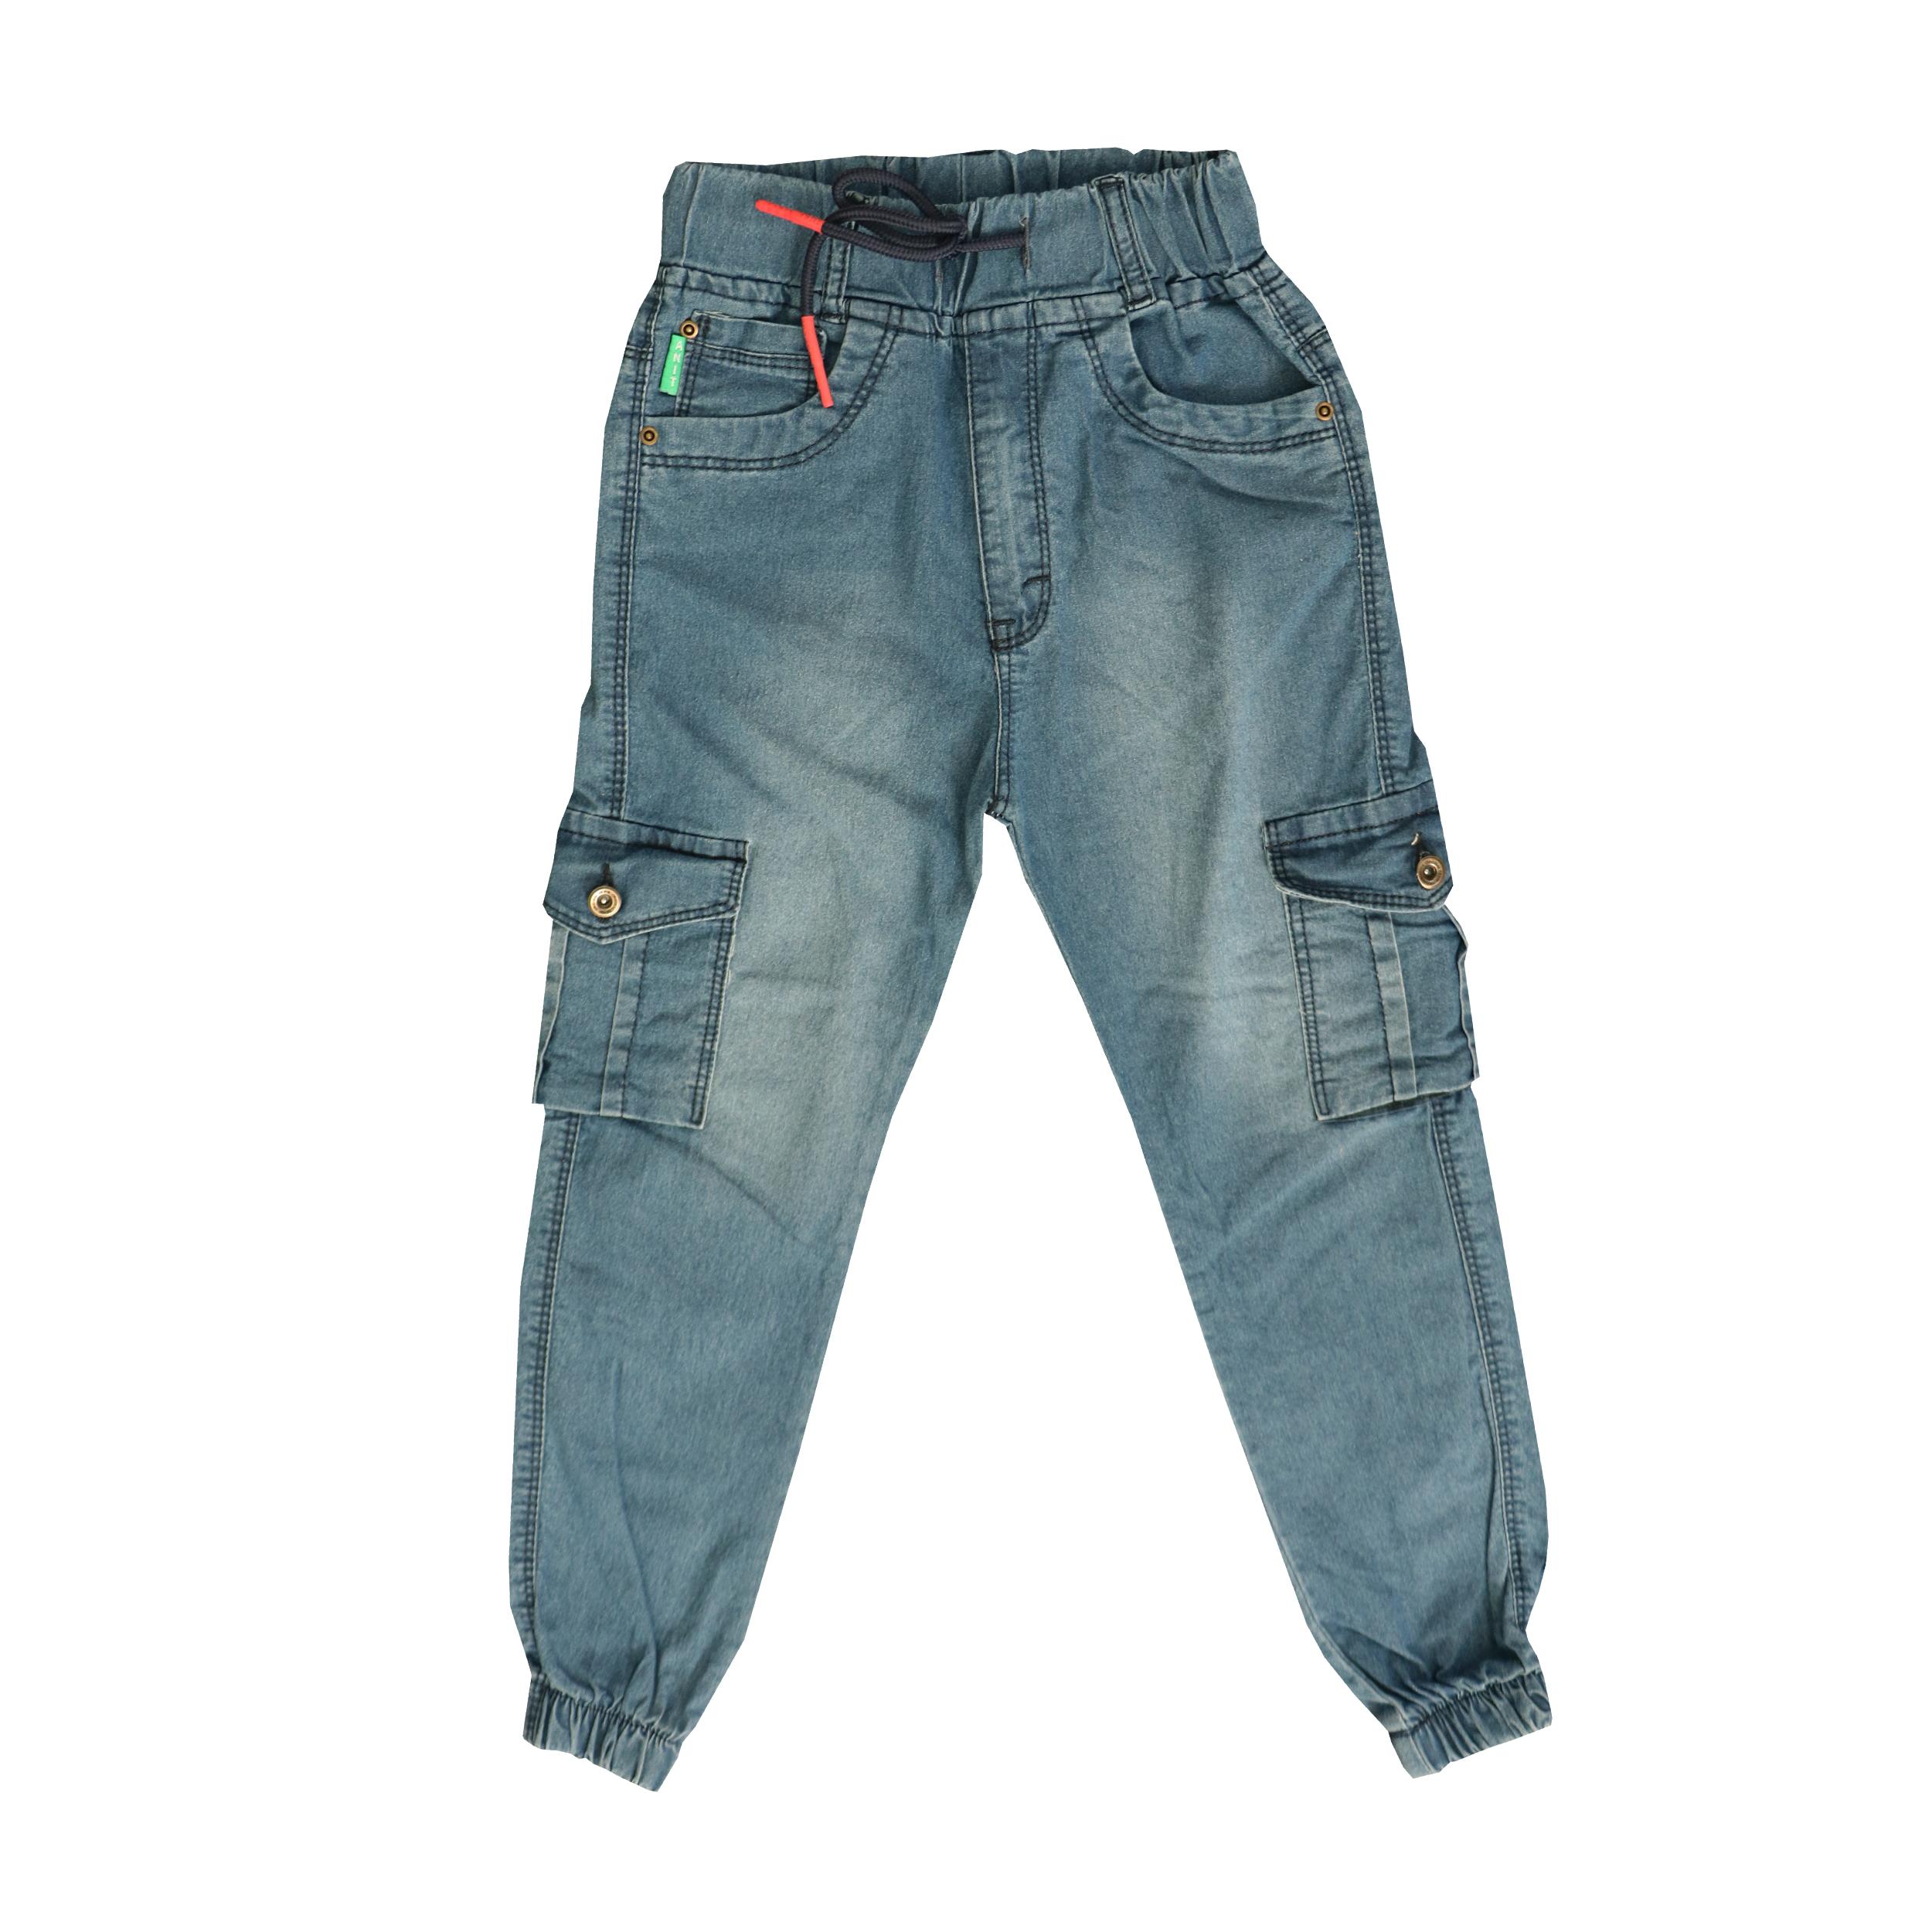 شلوار جین بچگانه مدل 000414